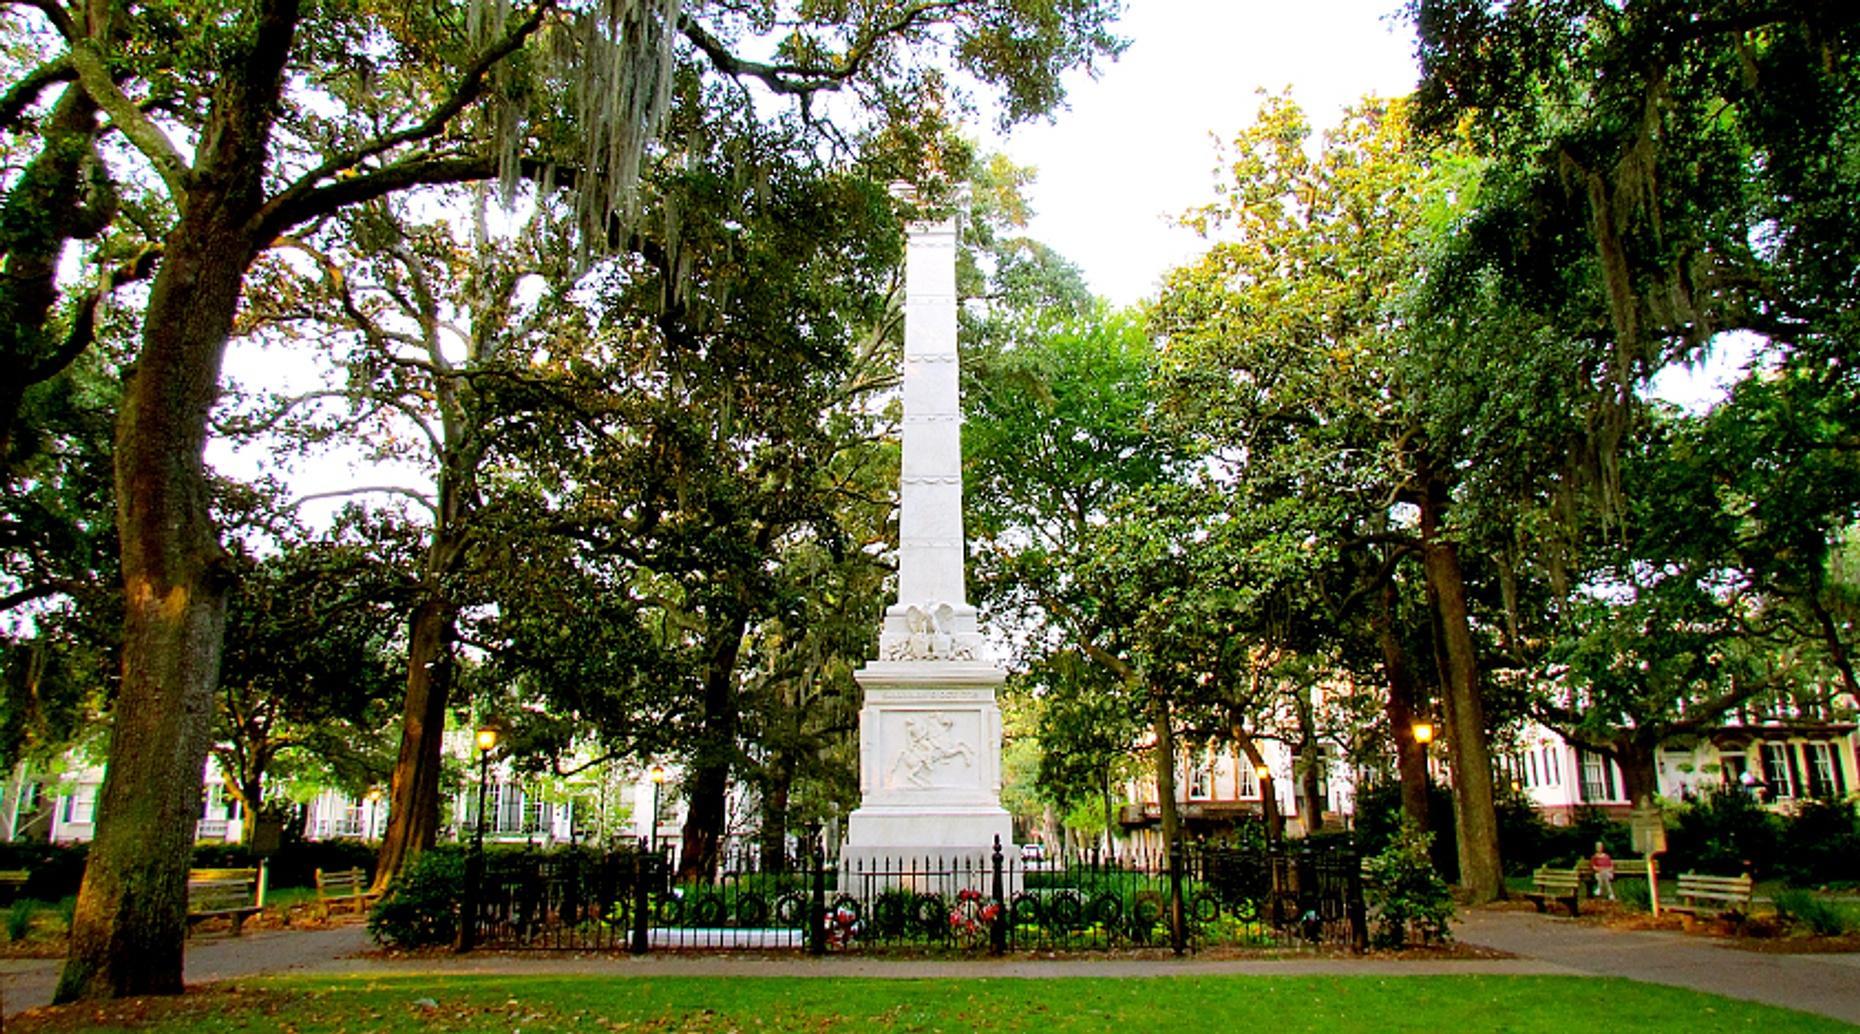 Three Hour Private Photo Walking Tour in Savannah